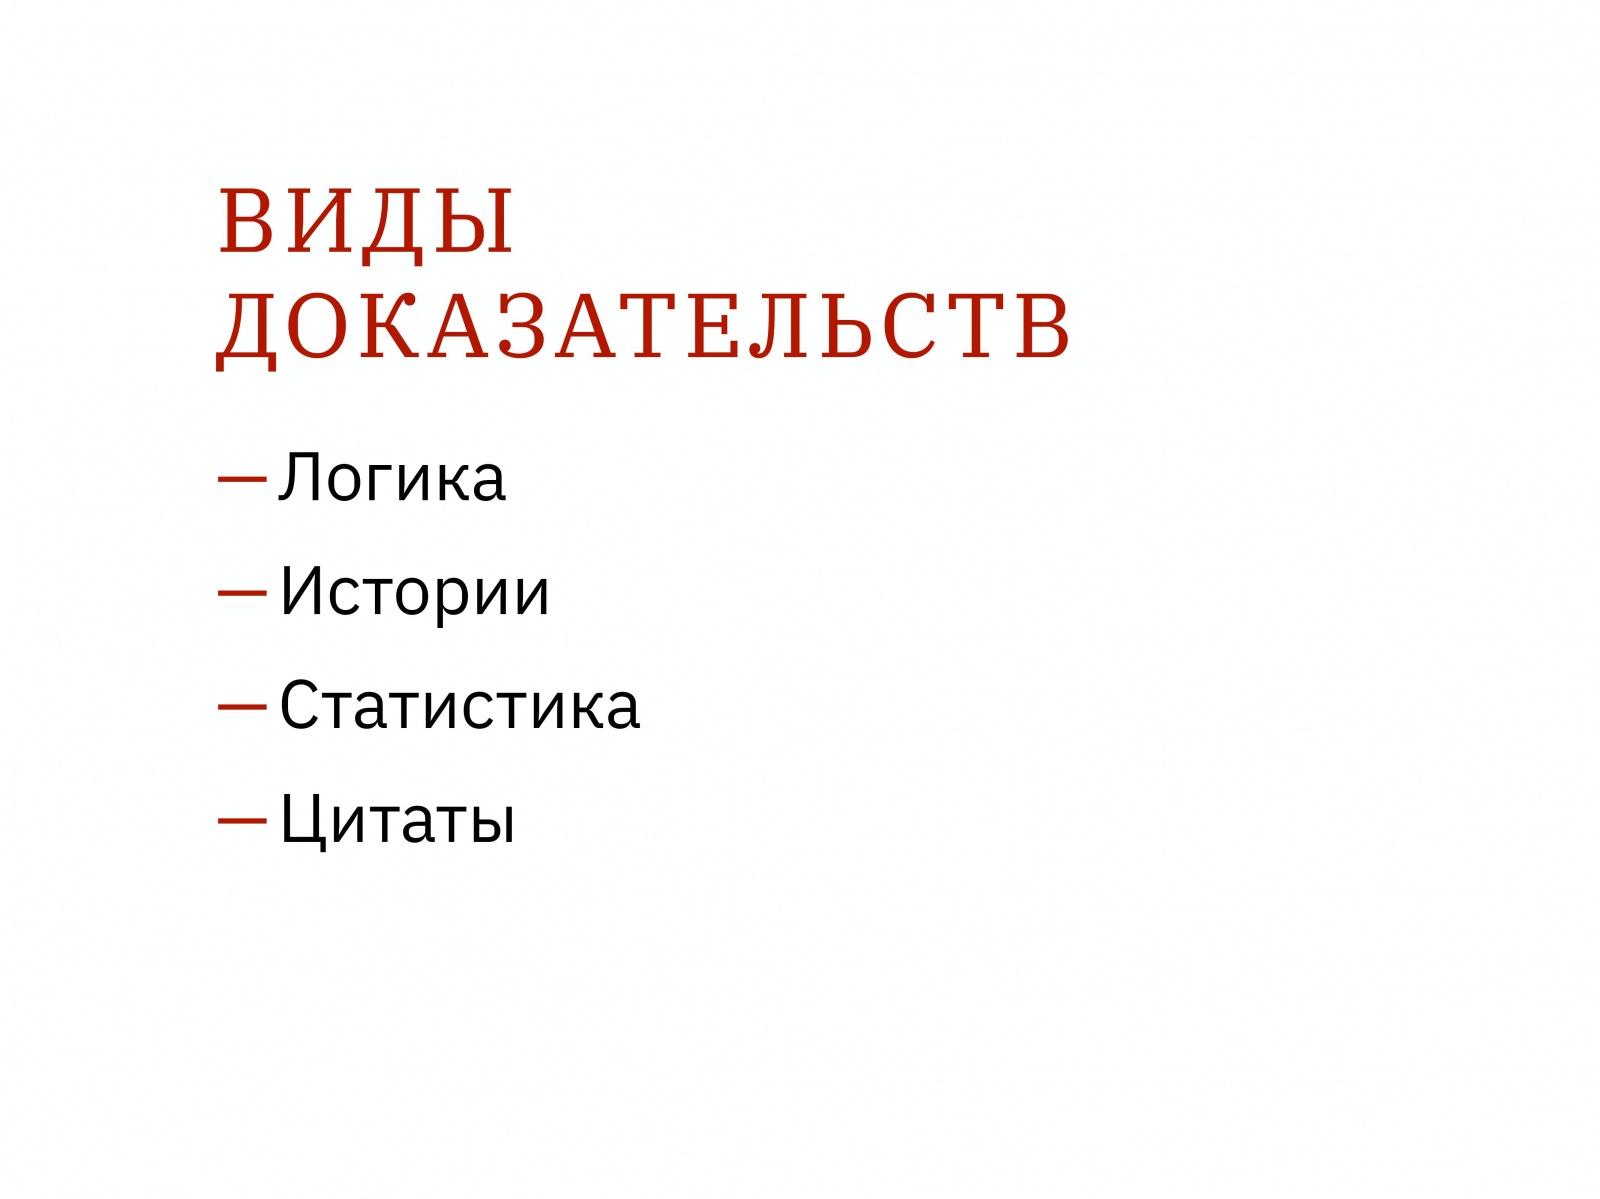 Алексей Каптерев: Критическое мышление 101 (часть 2) - 3